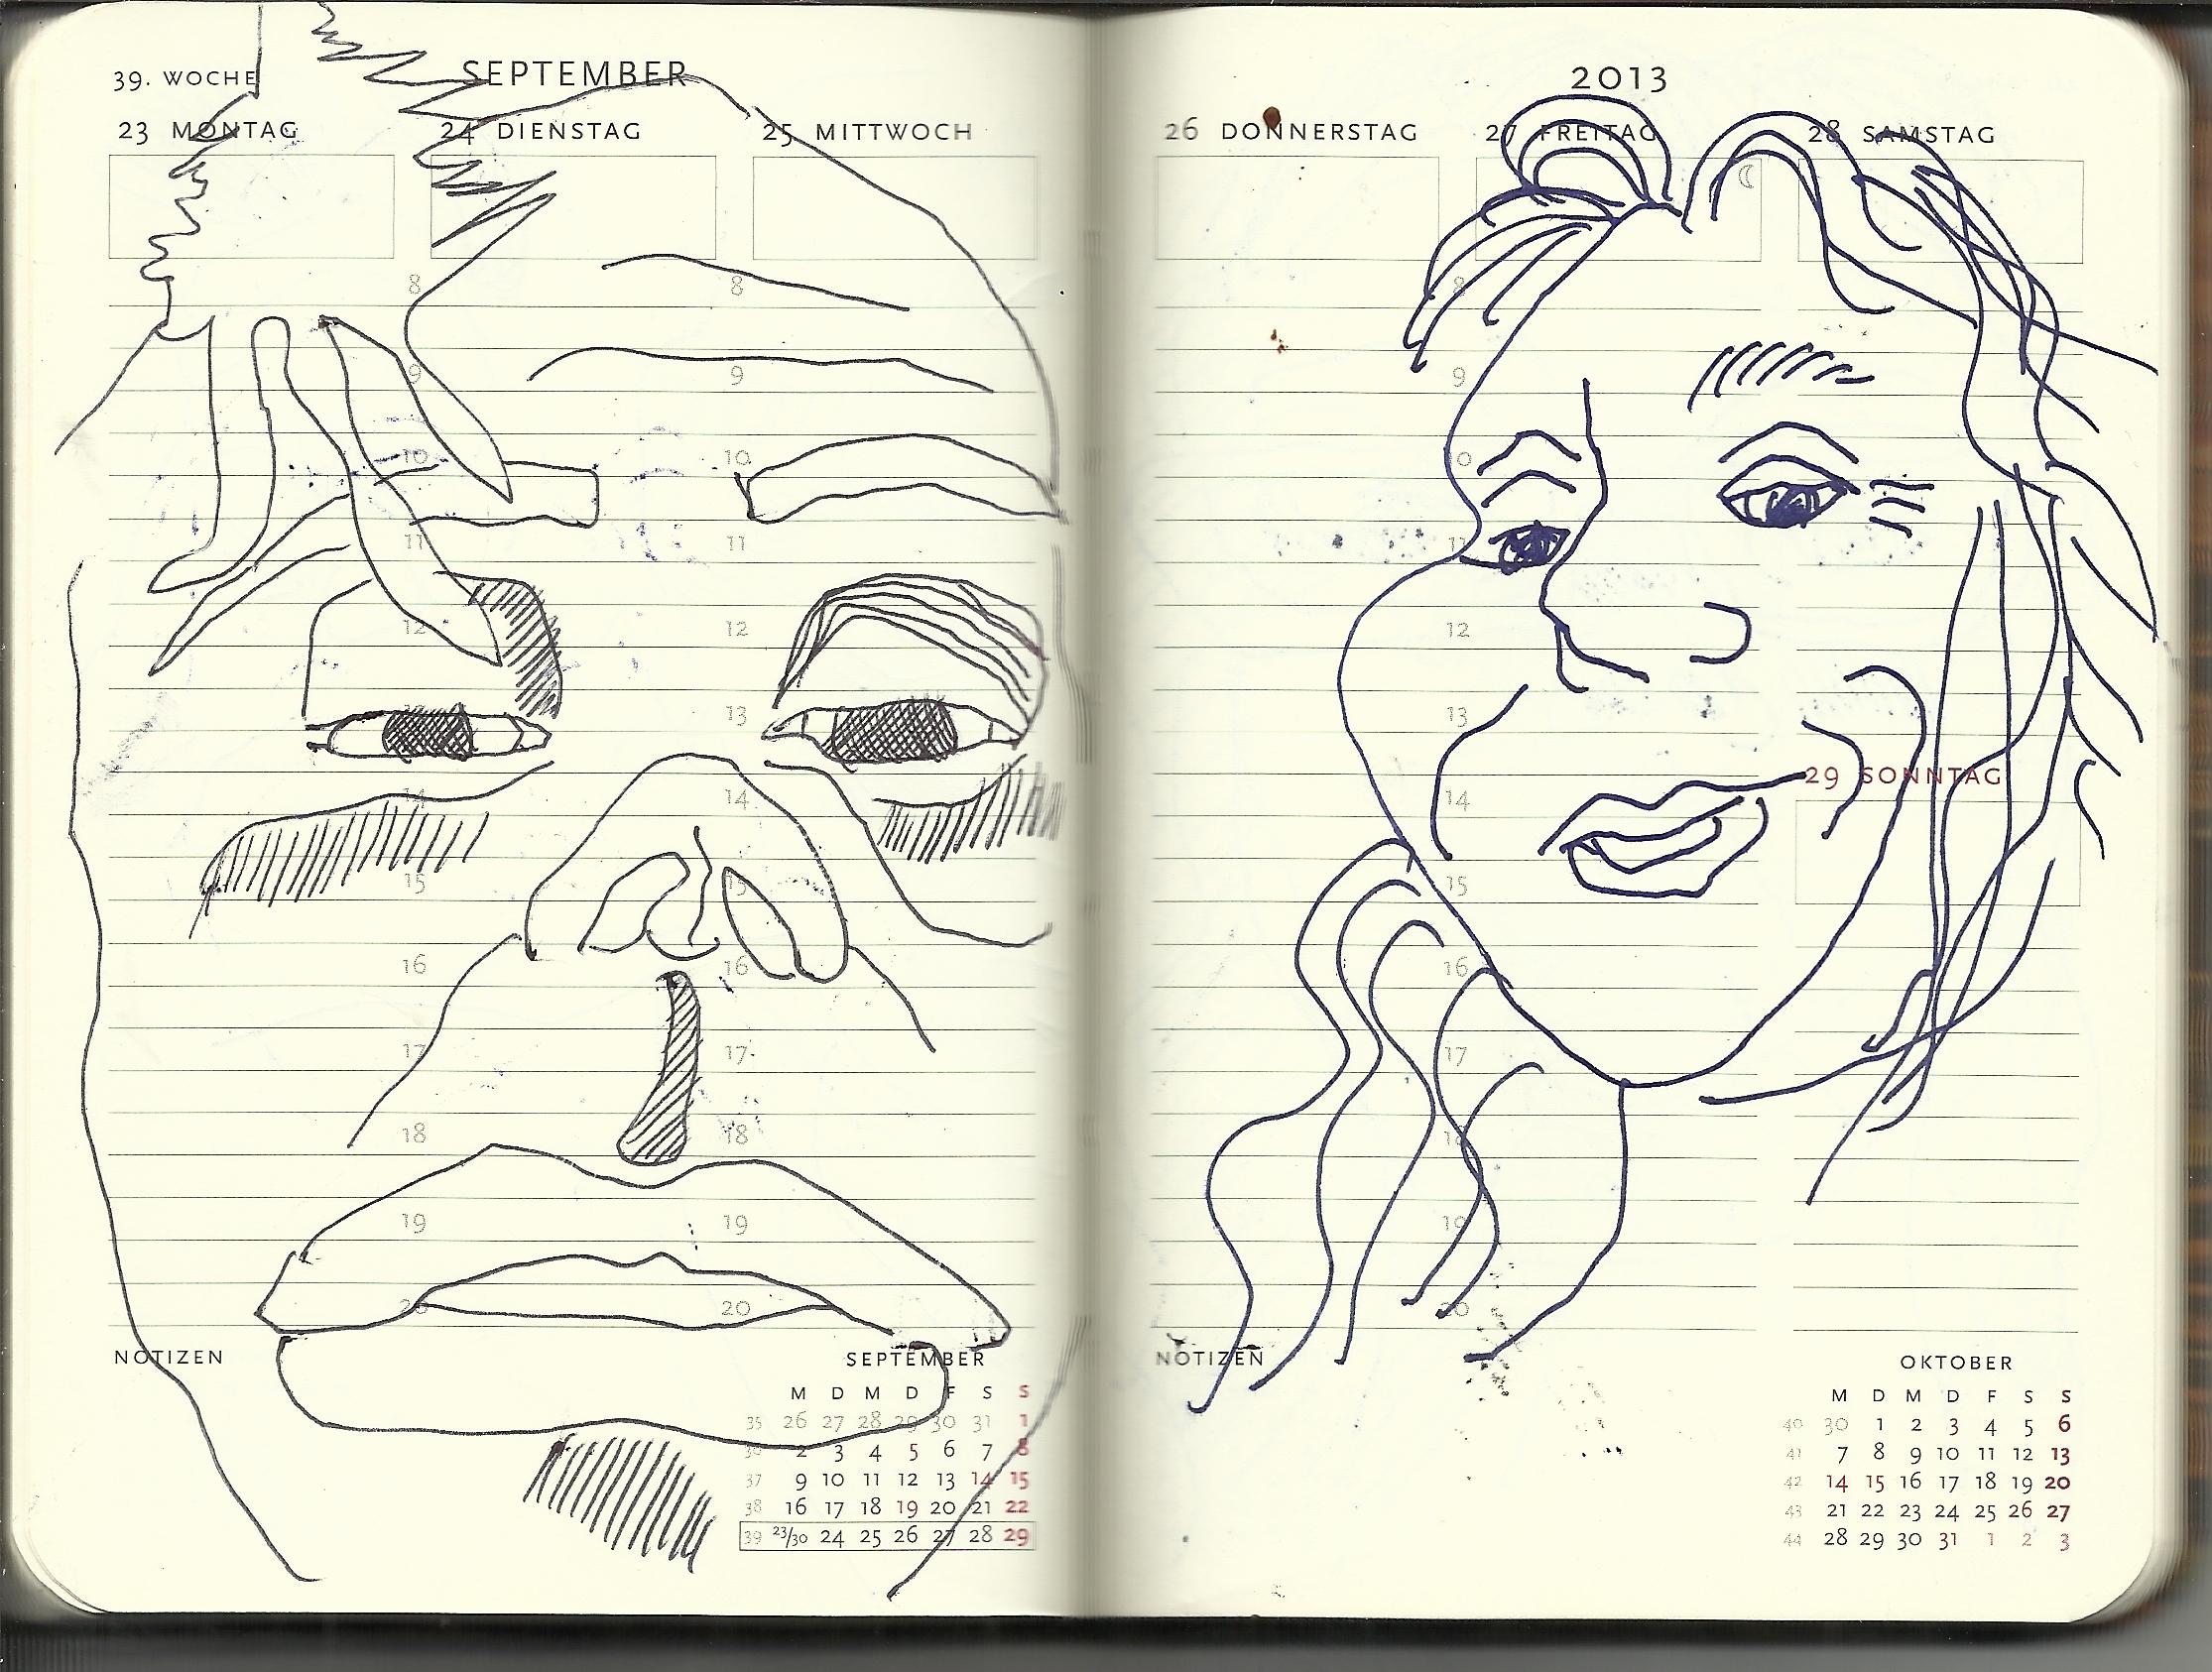 Selbstportrait Tagebuch 39. Woche (c) Zeichnung von Susanne Haun